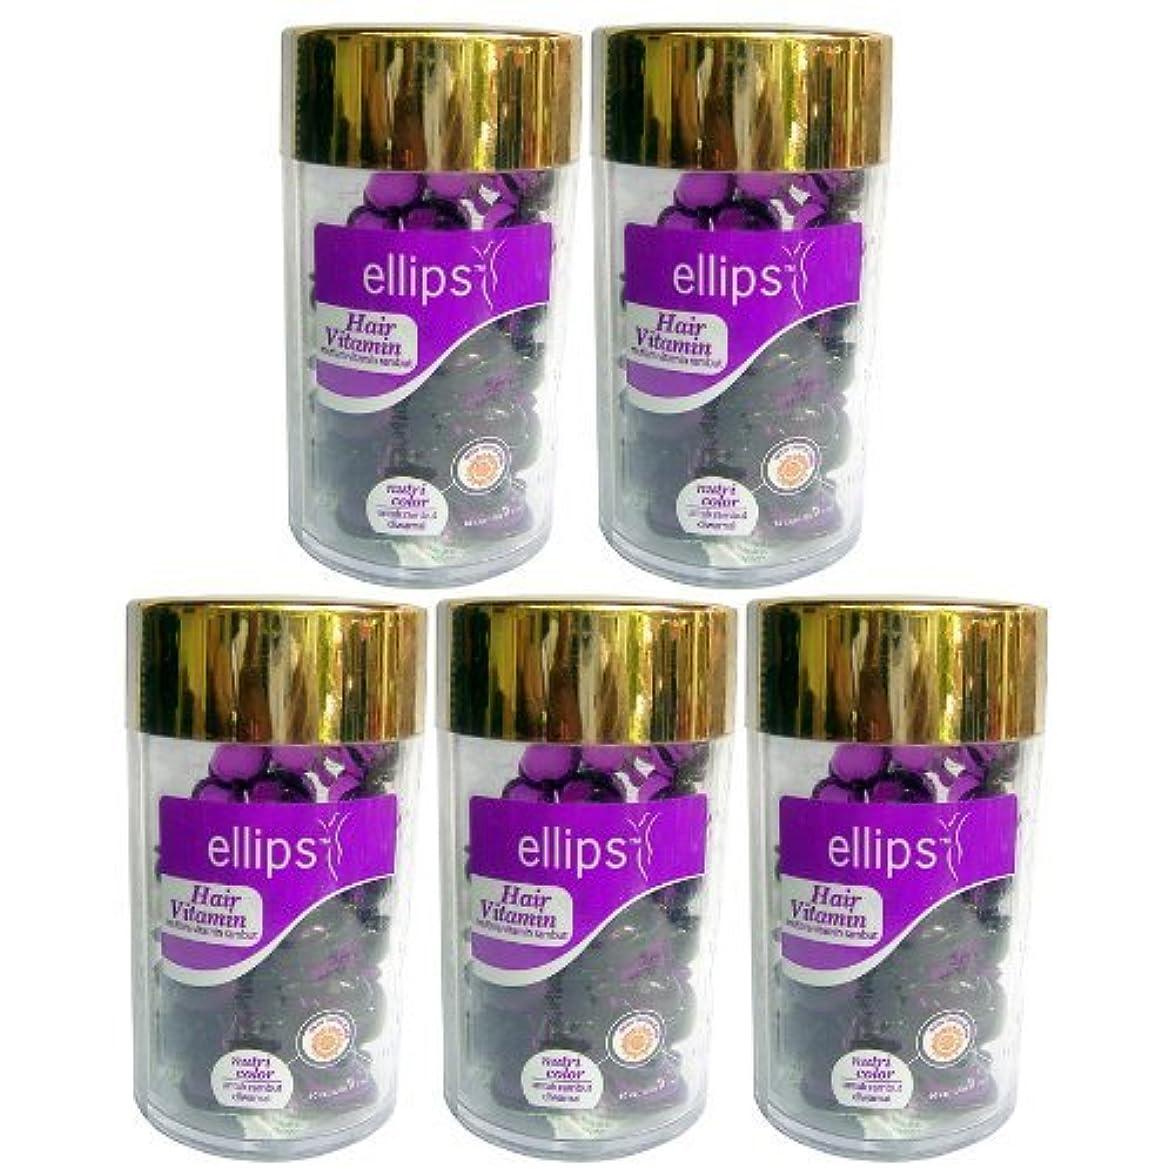 メリーくしゃみ犬エリップスellipsヘアビタミン洗い流さないヘアトリートメント50粒入ボトル5本組(海外直送品)(並行輸入品) (紫5本)